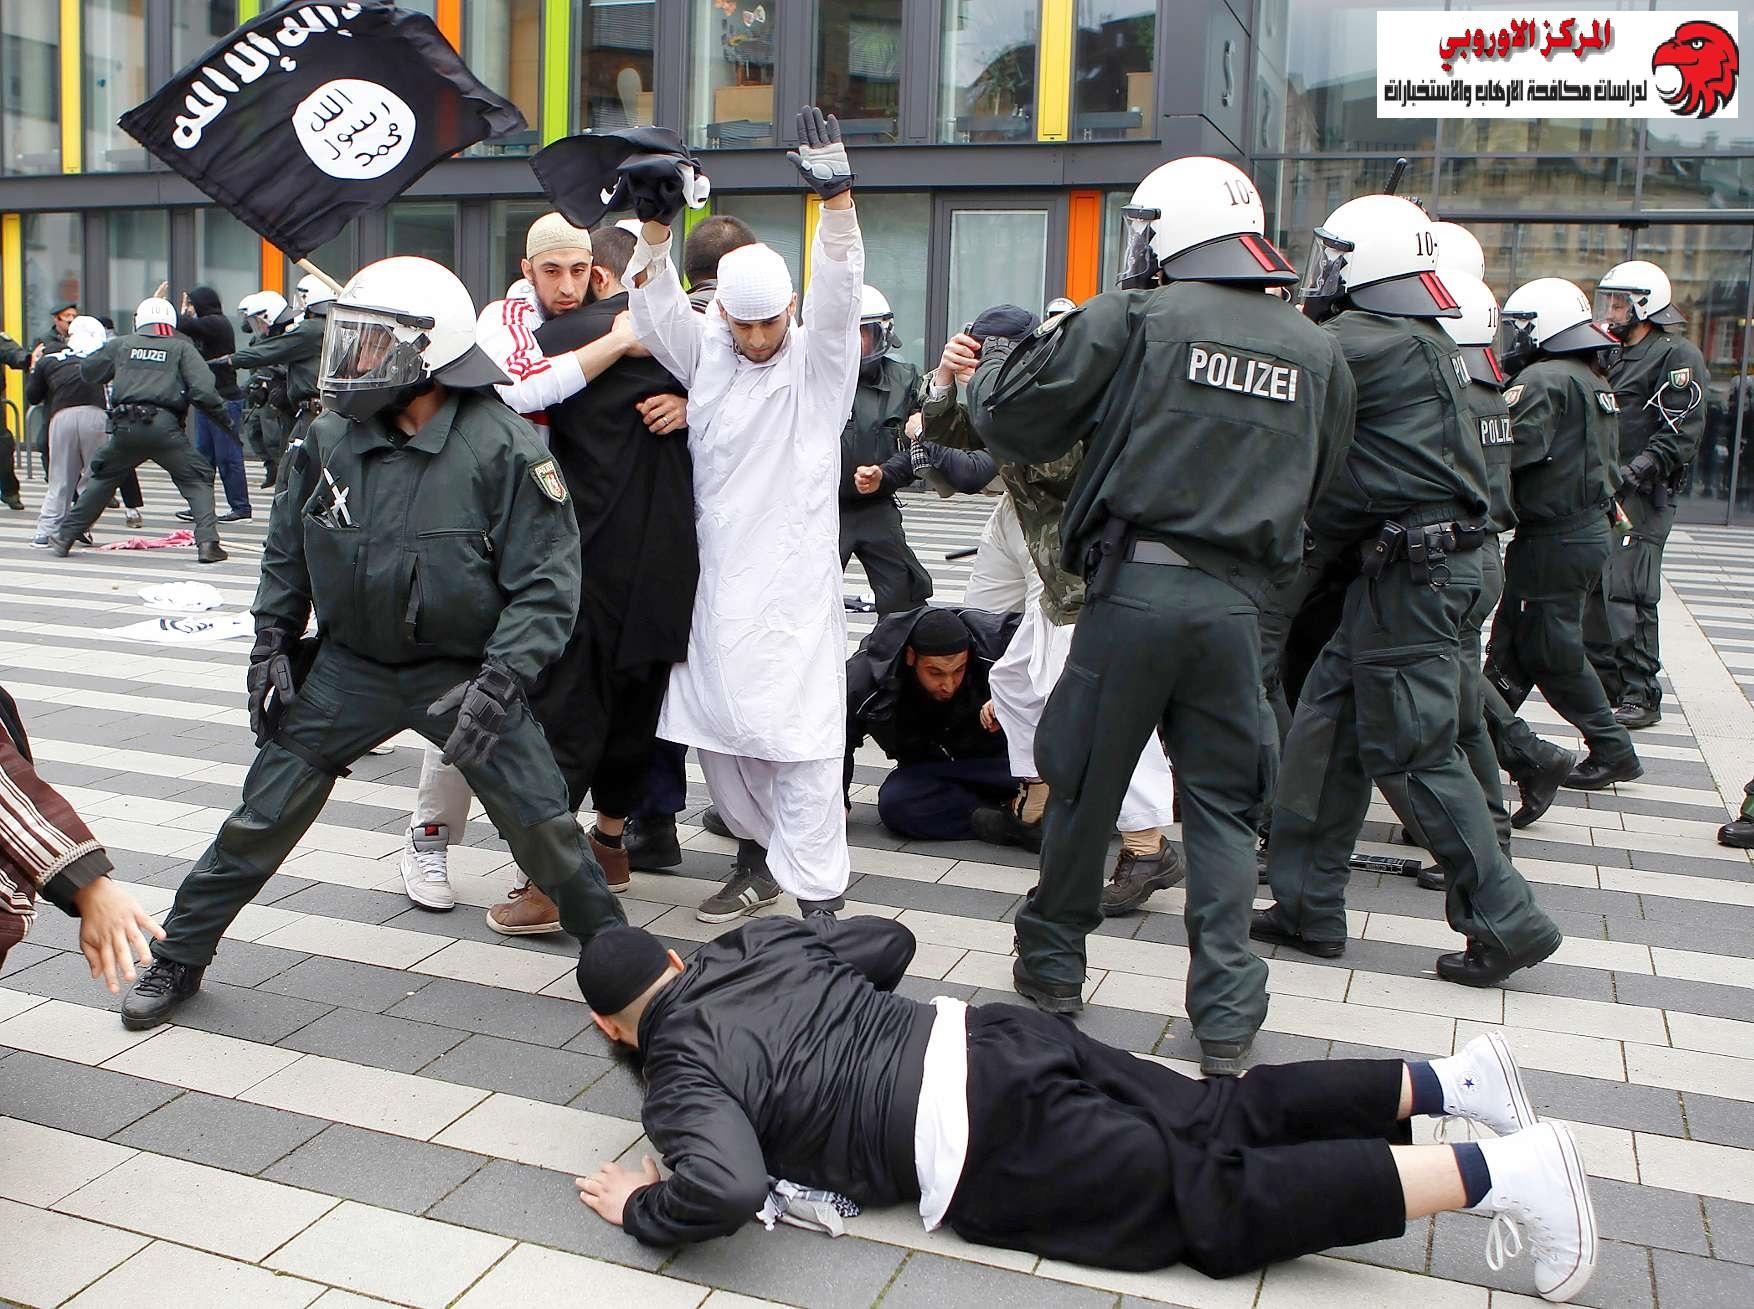 """من هي جماعة الدين الحق """"الجهادية"""" في المانيا وكيف تعاملت معها أجهزة الإستخبارات  ؟"""